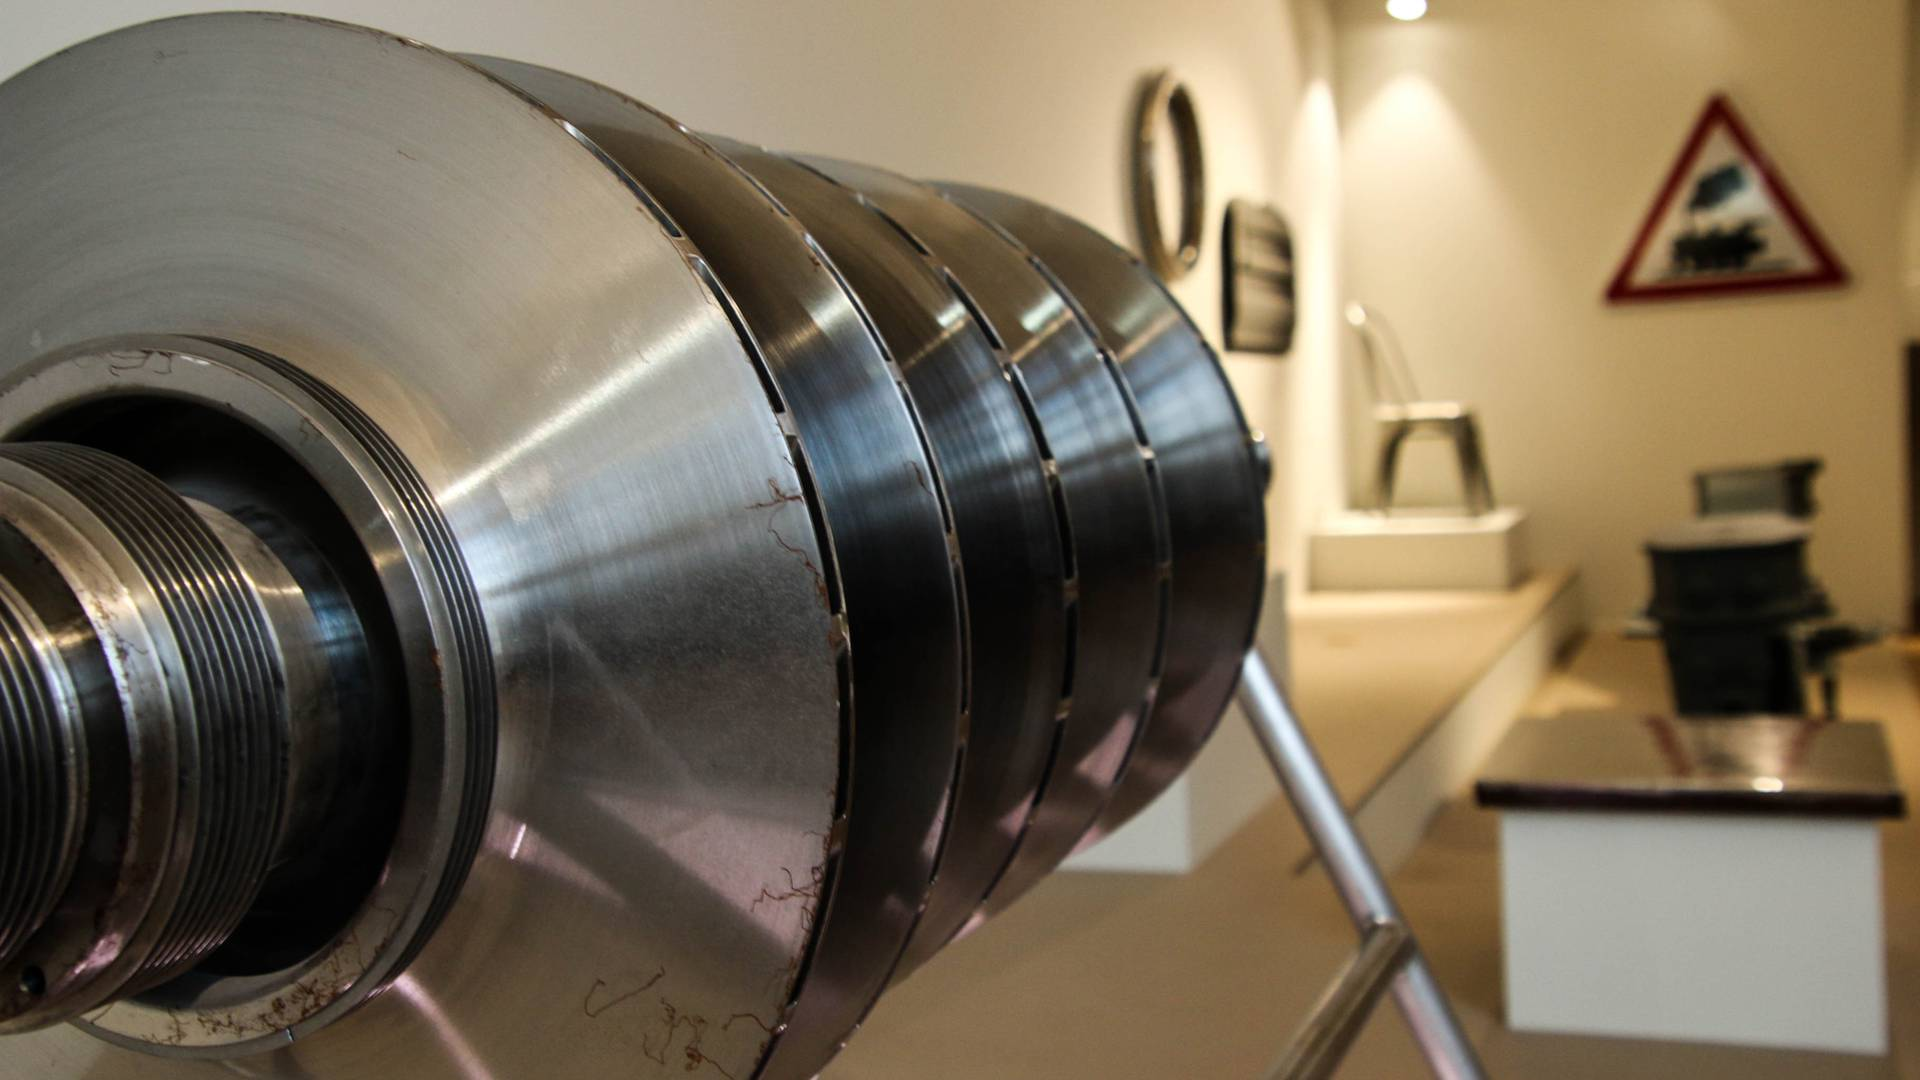 Pièce d'une turbine de moteur d'avion au Pavillon de l'Industrie, Le Creusot. © Lesley Williamson.